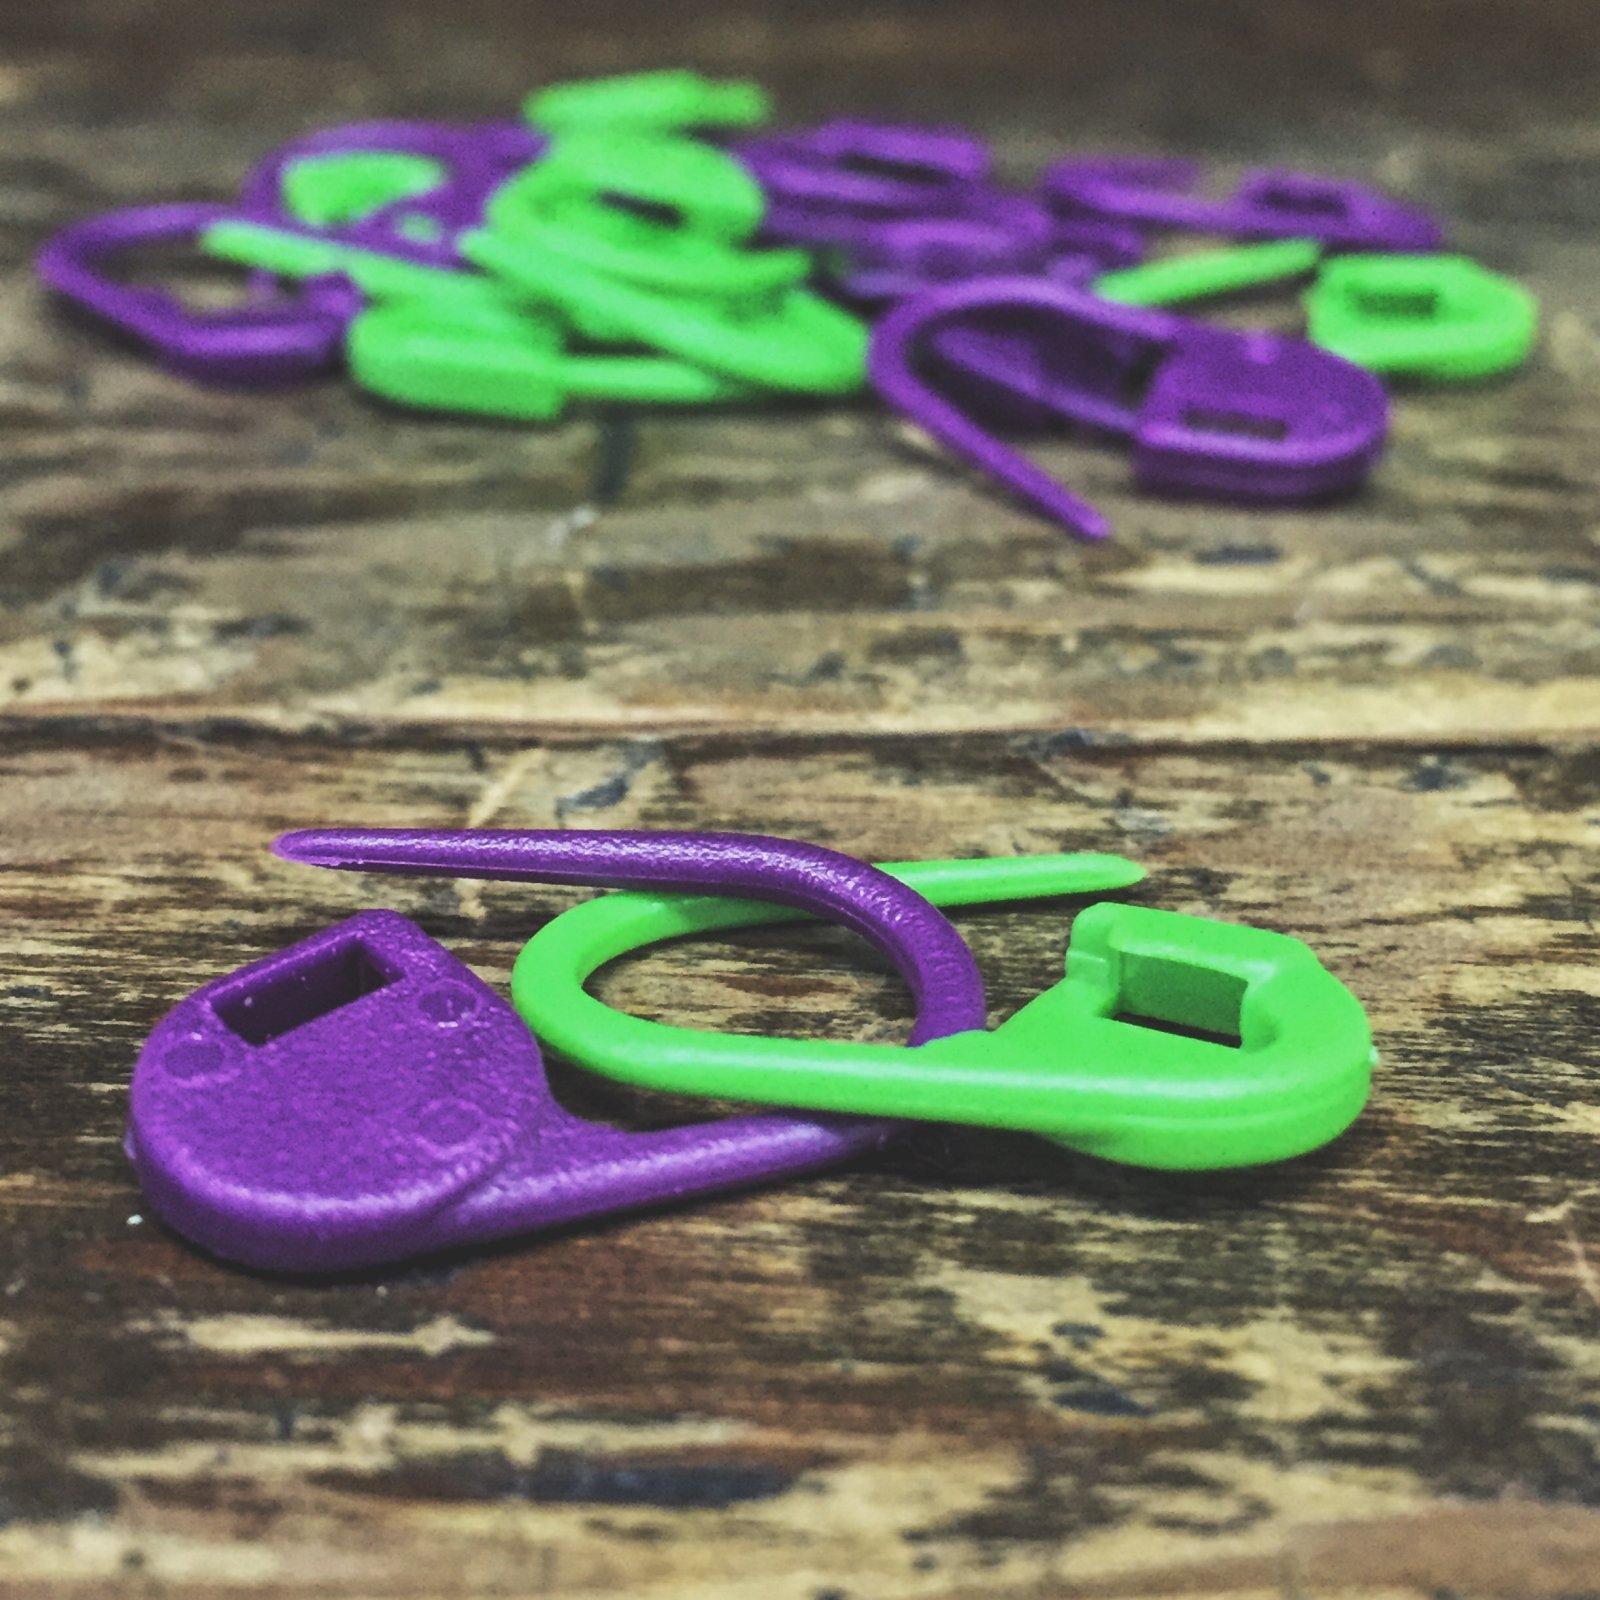 Knitter's Pride Locking Stitch Marker